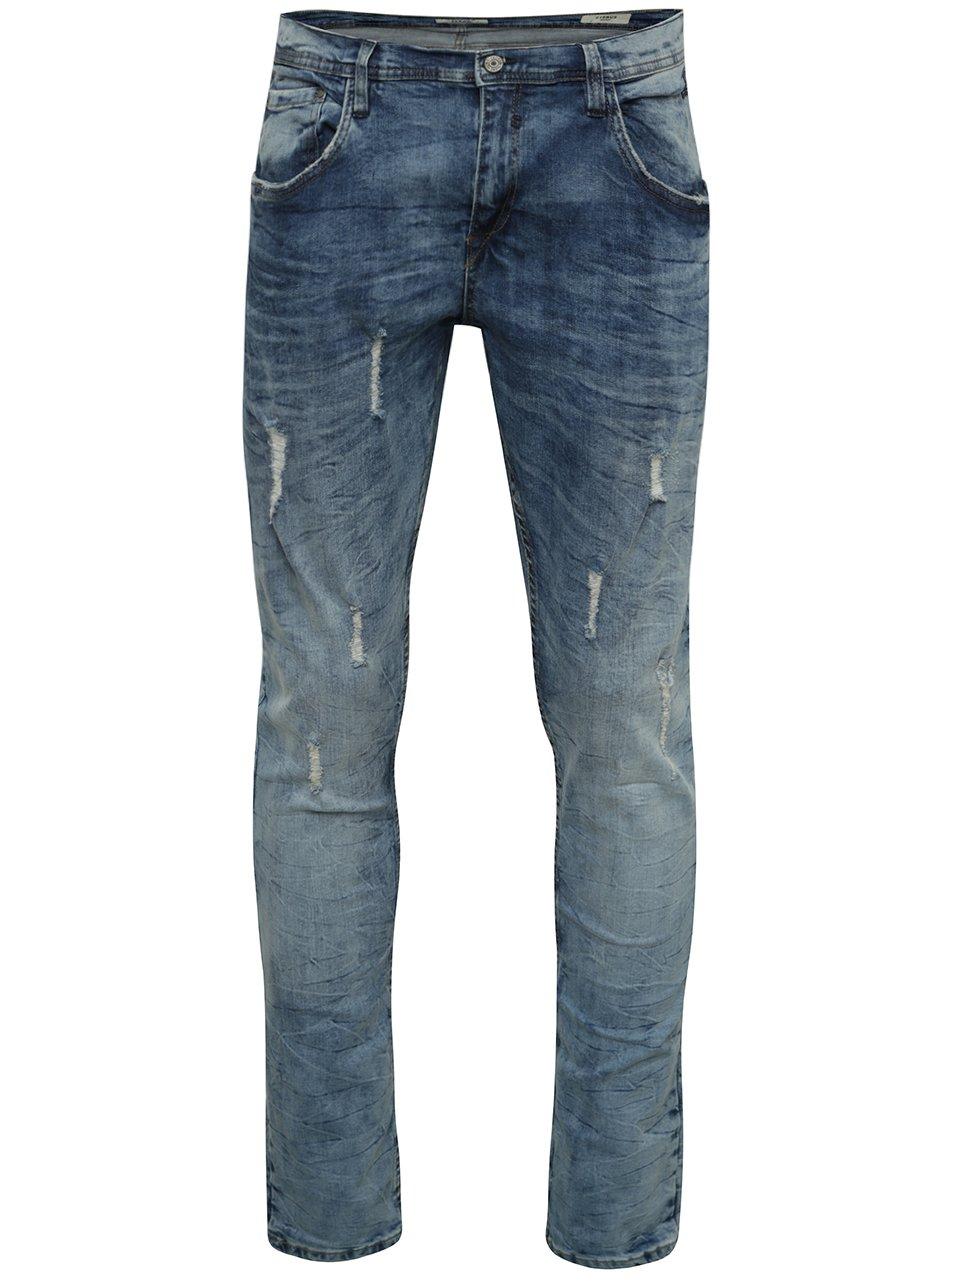 Modré žíhané skinny džíny s potrhaným efektem Blend